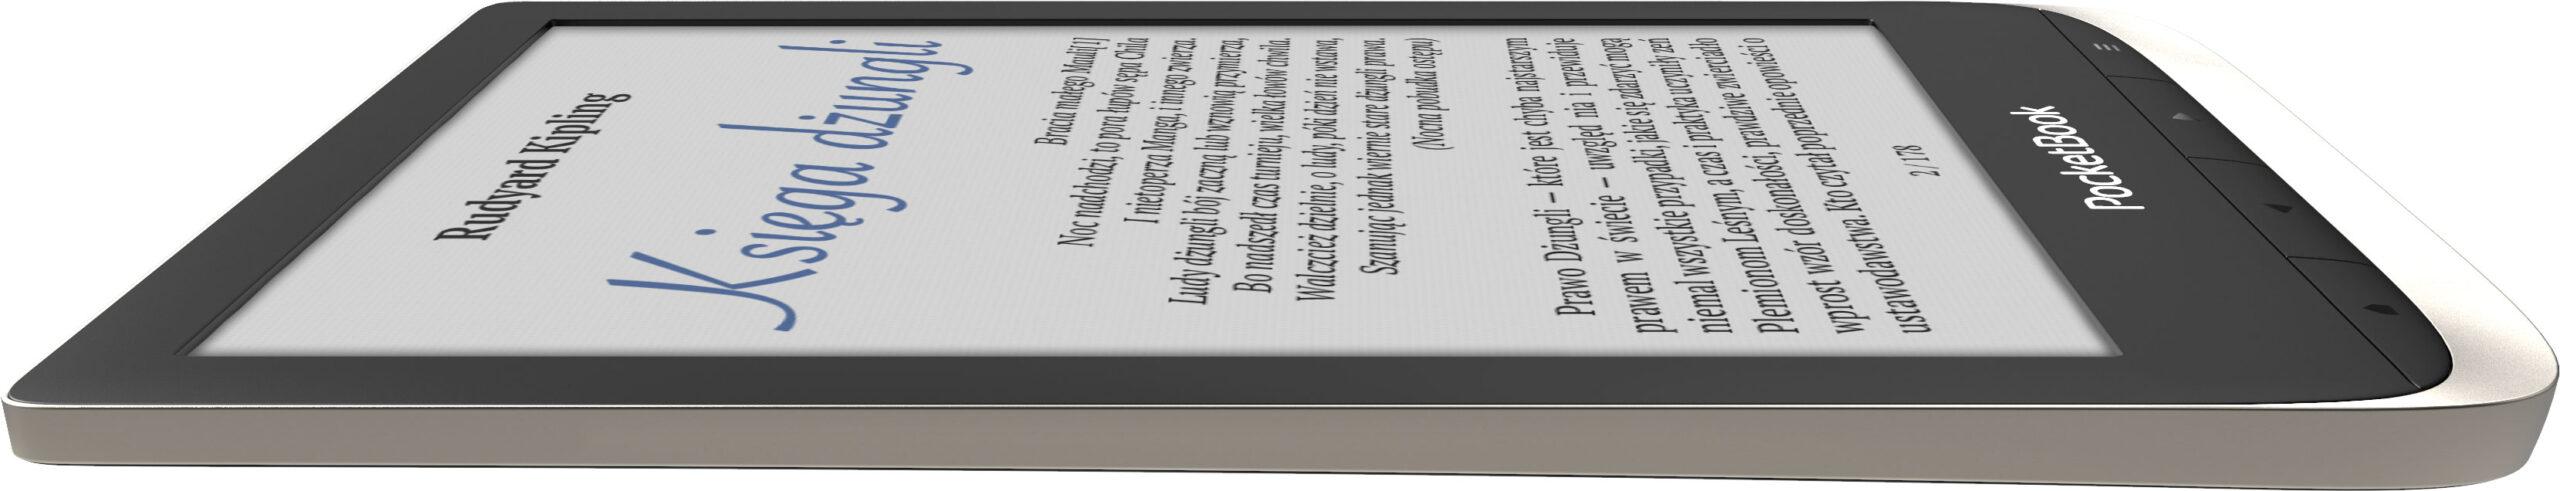 pocketbook color czytnik z kolorowym ekranem